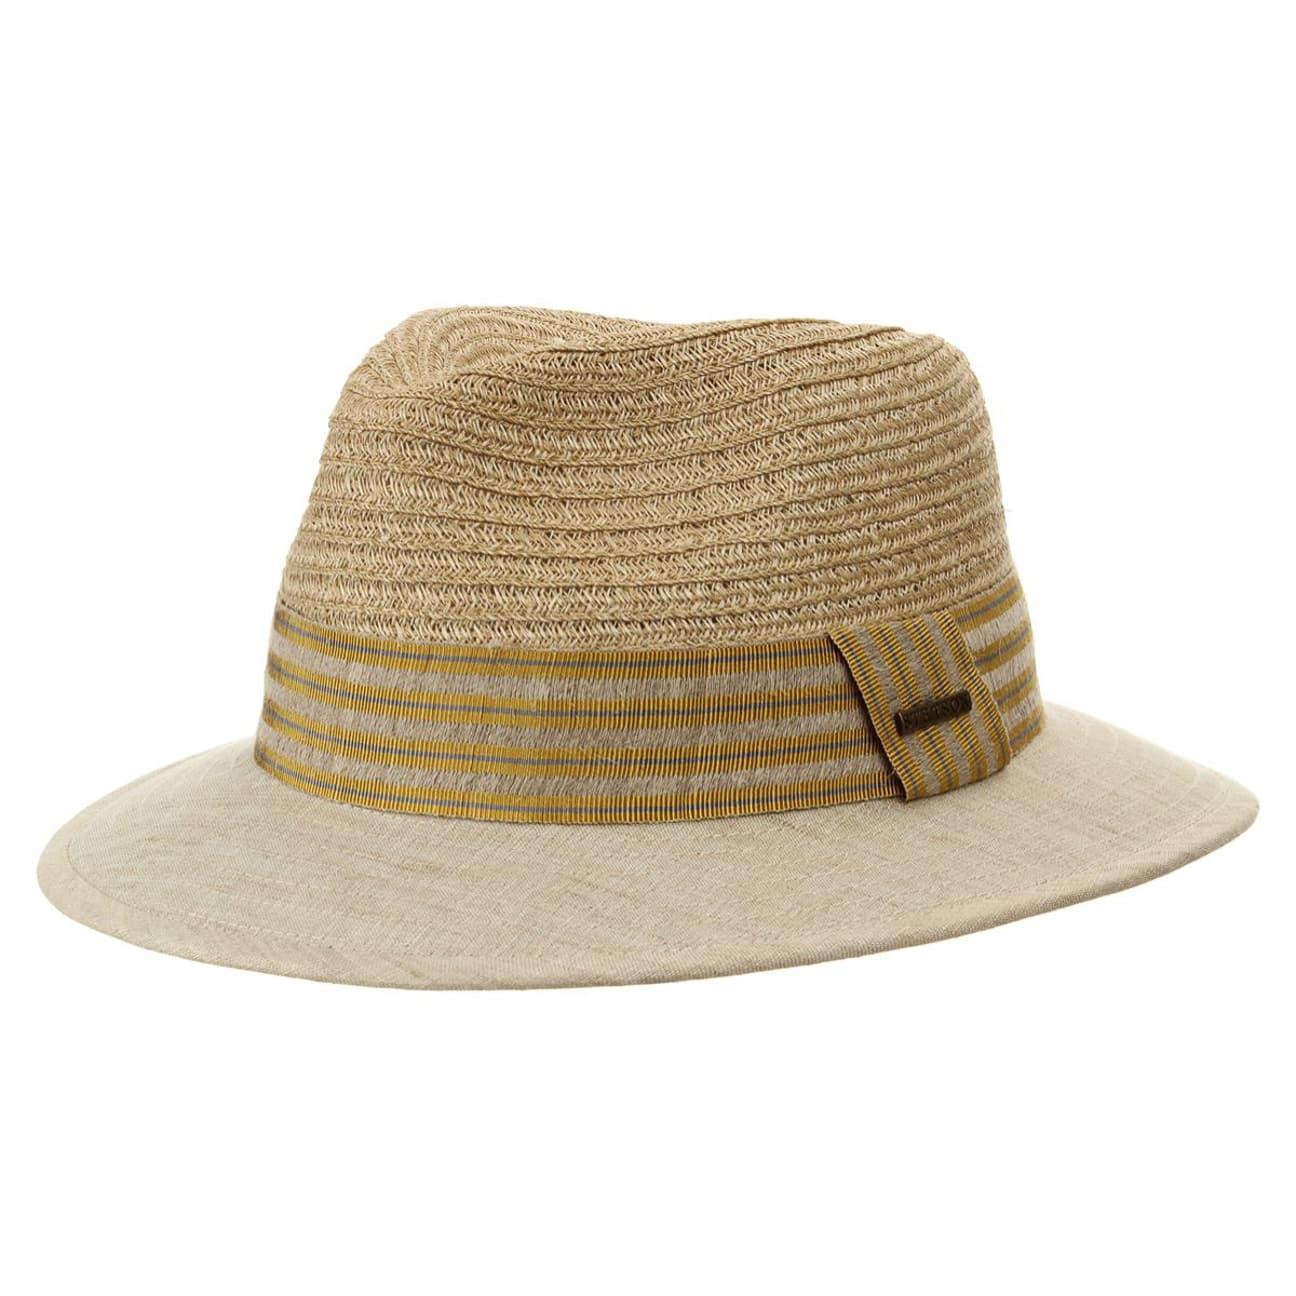 Gray linen hemp cappello bogart by stetson 69 00 for Clienti sinonimo